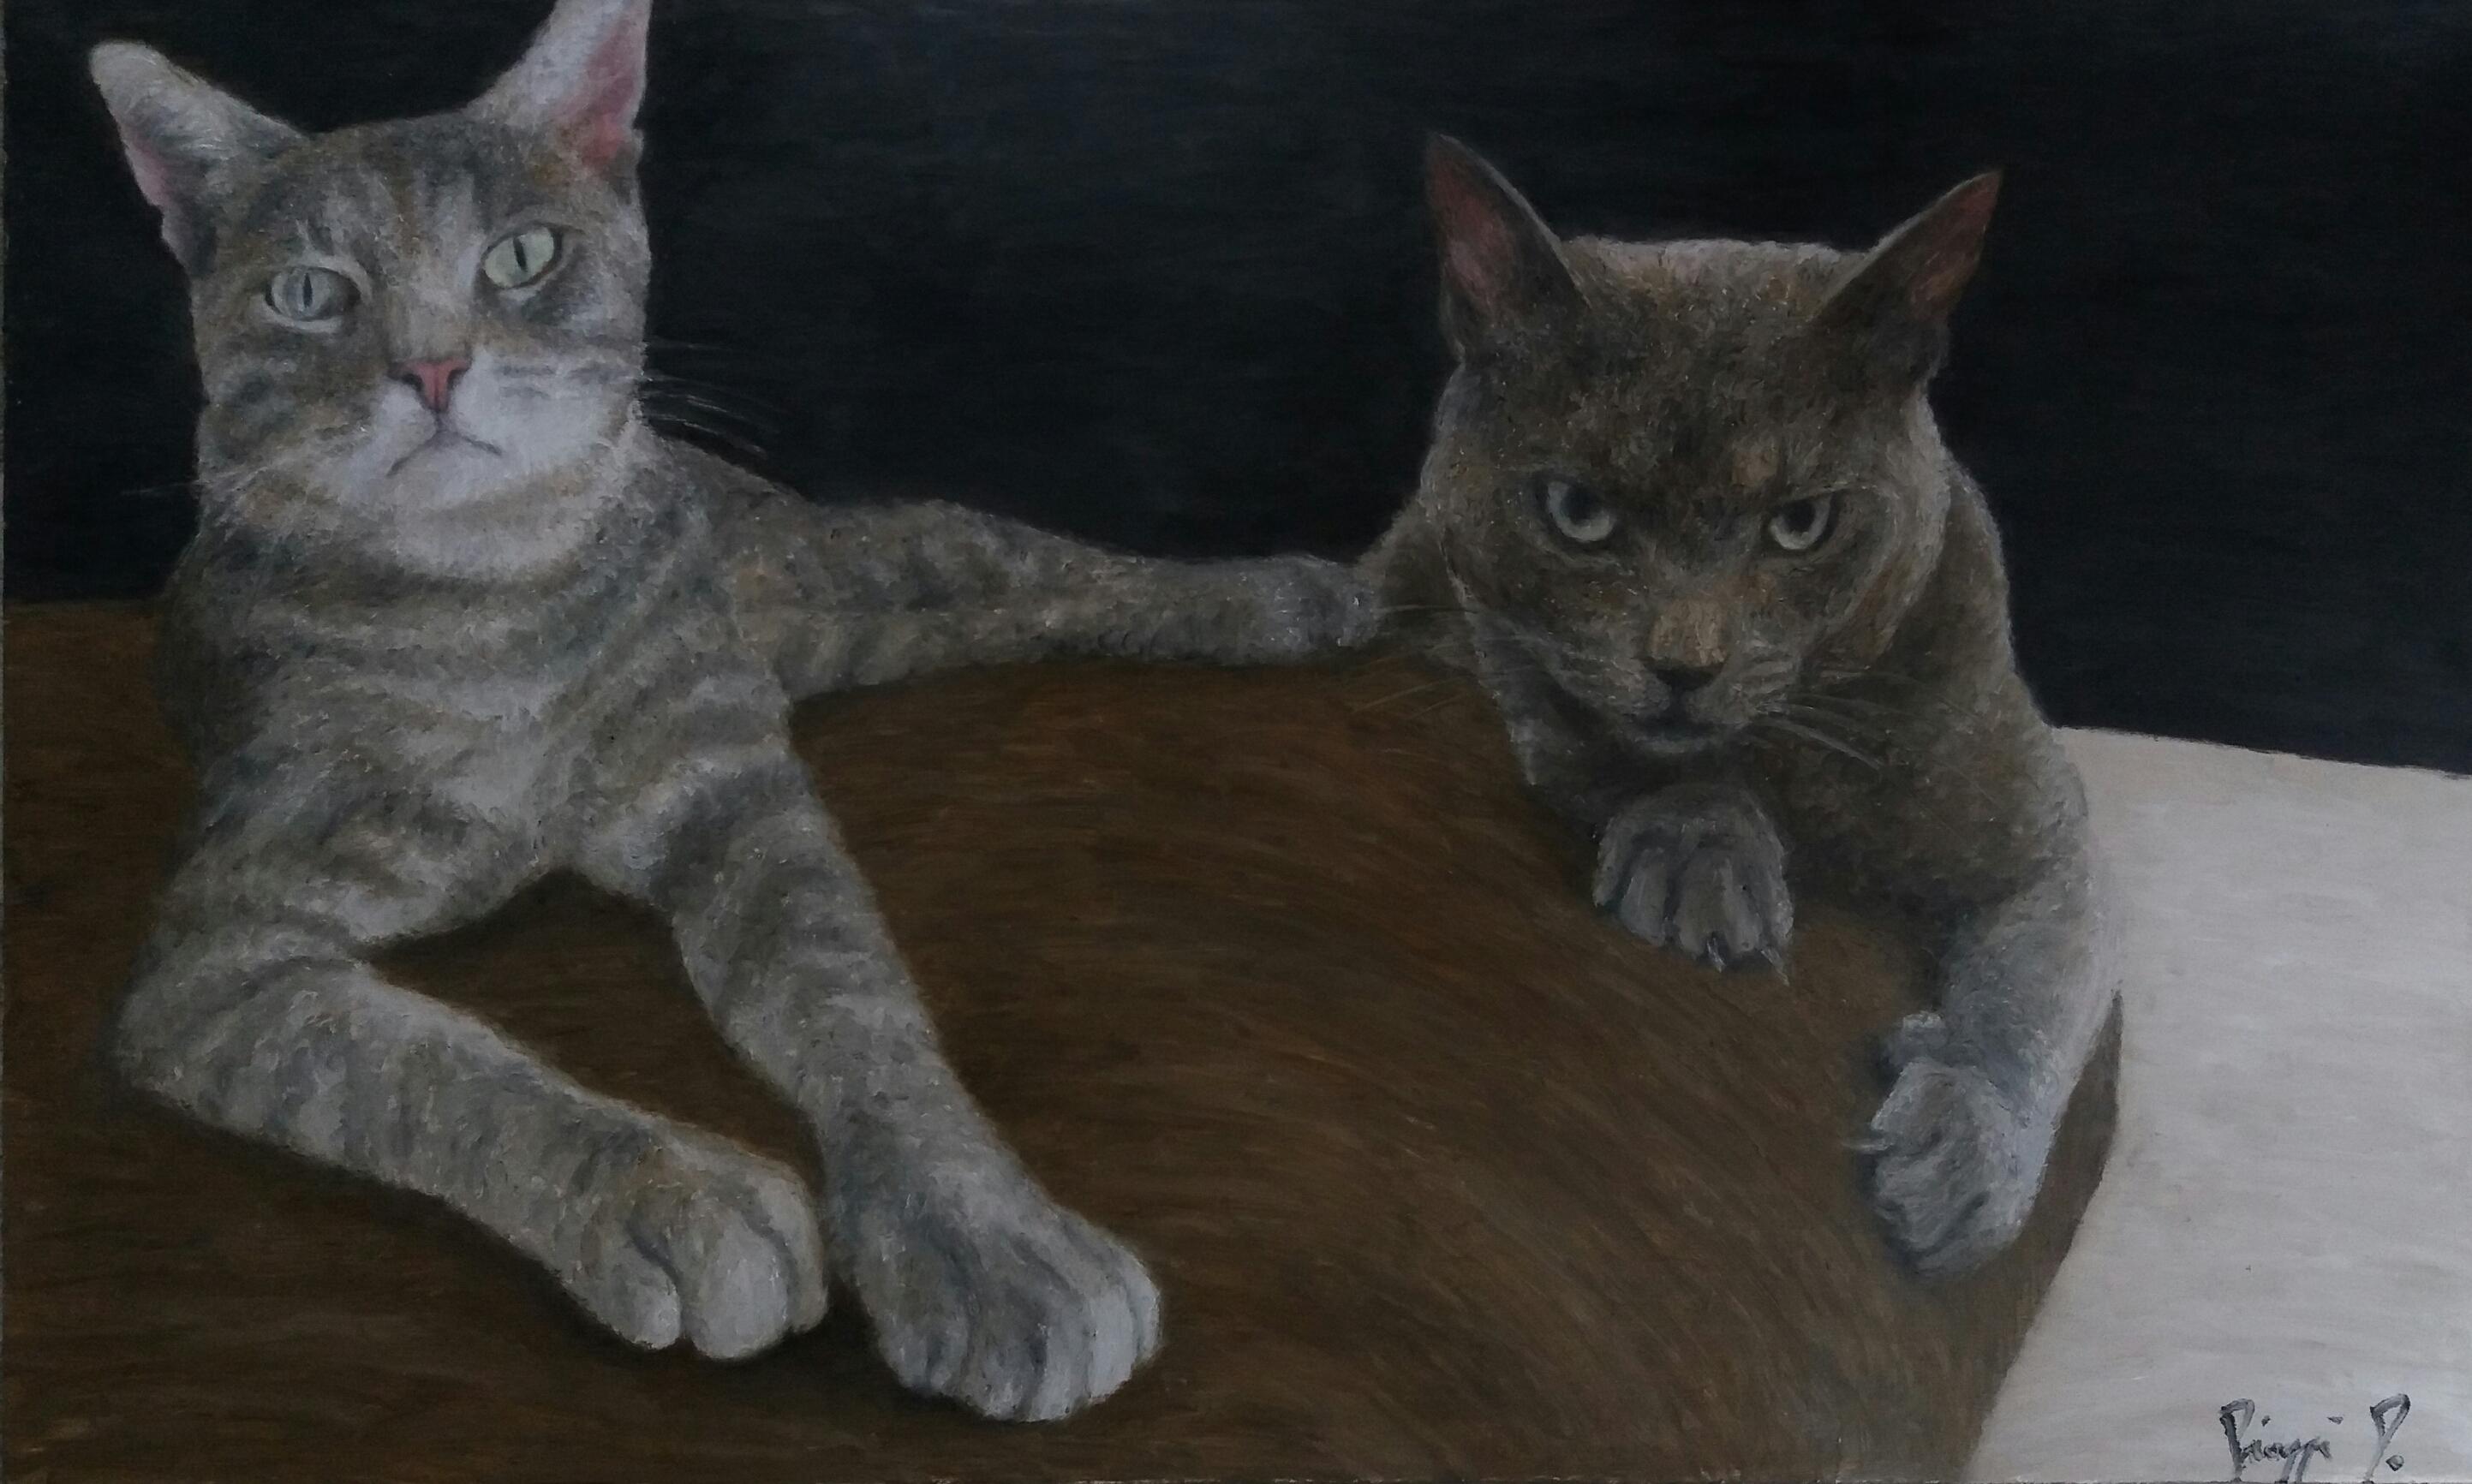 Cats, dipinto di Patrick Pioppi